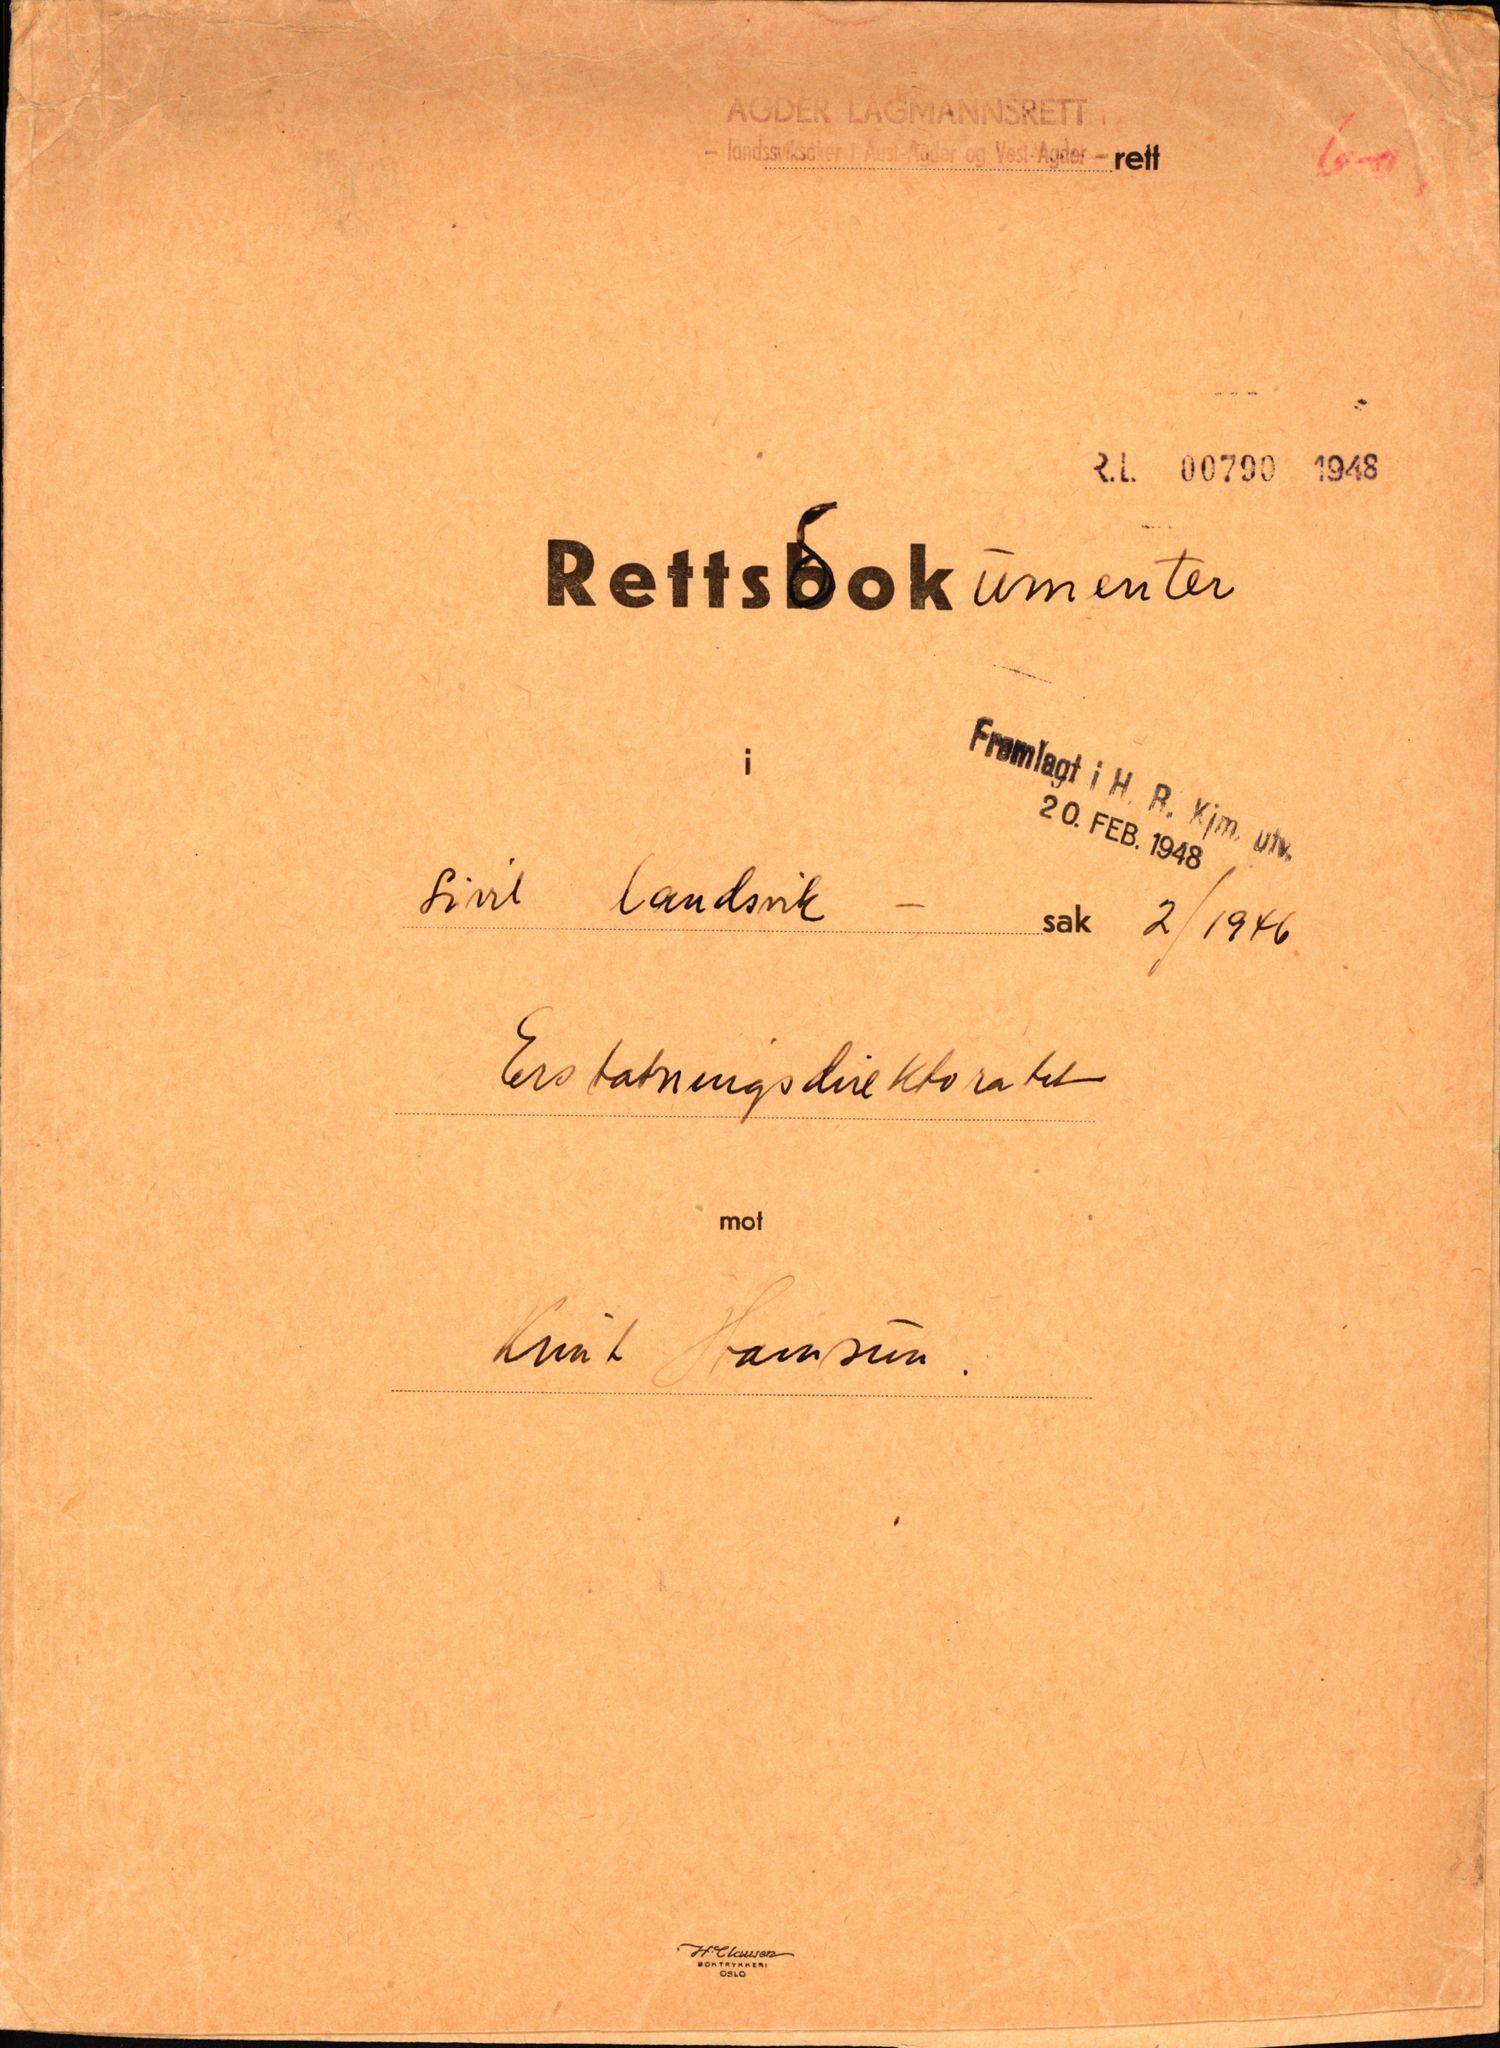 RA, Landssvikarkivet, Arendal politikammer, D/Dc/L0029: Anr. 192/45, 1945-1951, s. 609